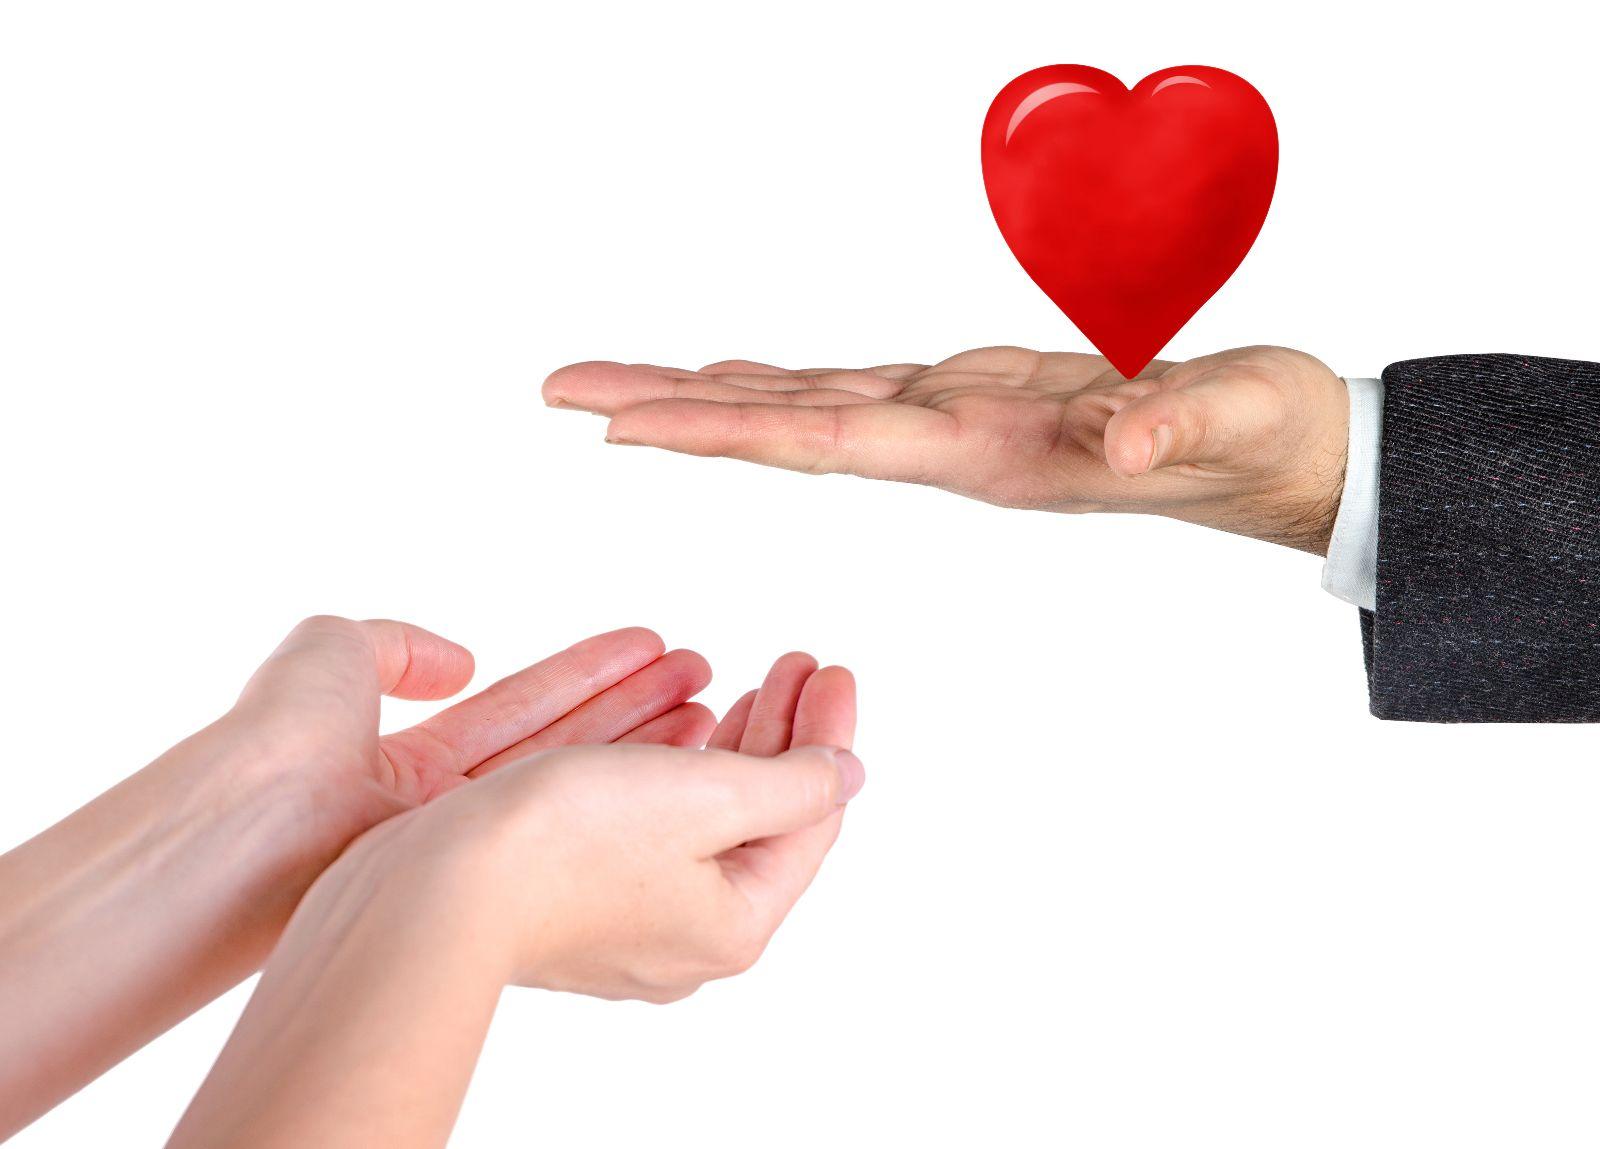 Especialista del Houston Methodist Hospital nos convocan a controlar los niveles de glucosa, presión arterial y colesterol para evitar enfermedades cardiovasculares.